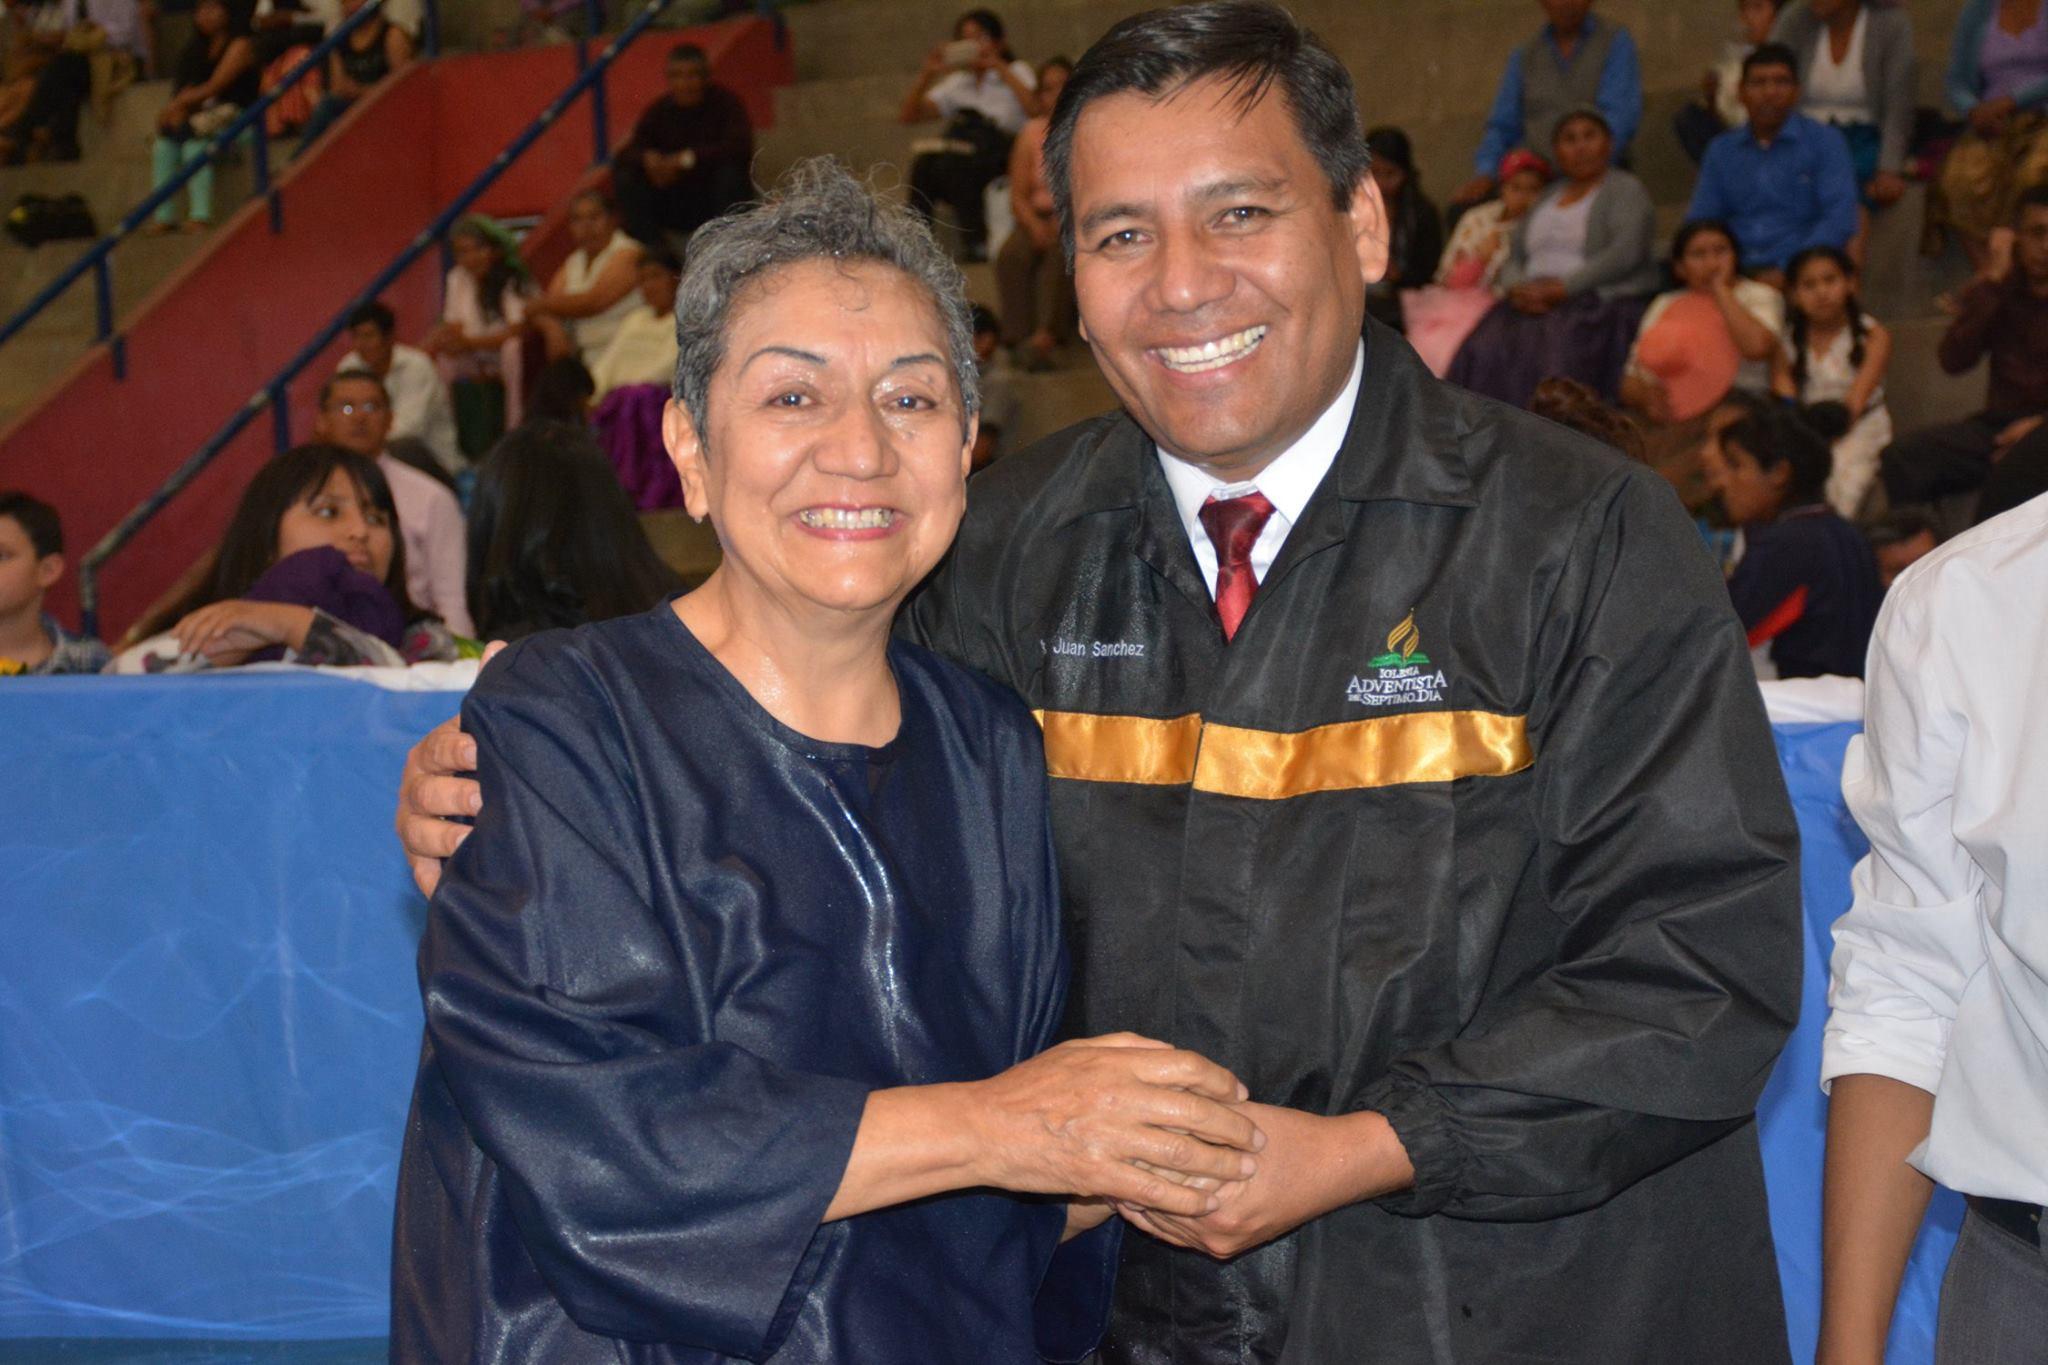 Bautizo de Rosamary en la caravana Nuevo Tiempo - El poder de la Esperanza (Foto: MCB)